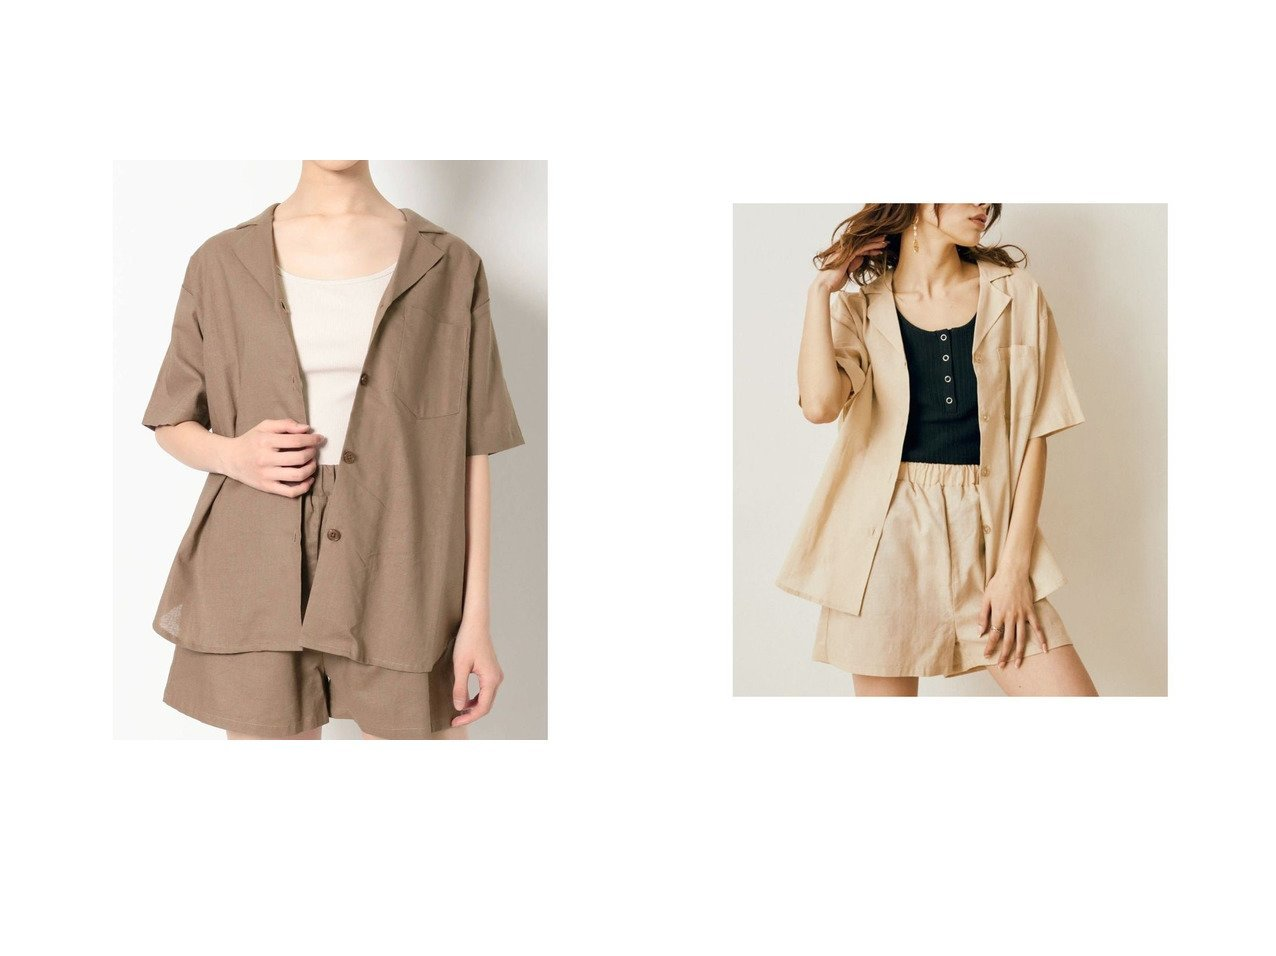 【EVRIS/エヴリス】のEVRIS リネンブレンドオープンカラーシャツ おすすめ!人気、トレンド・レディースファッションの通販  おすすめで人気の流行・トレンド、ファッションの通販商品 インテリア・家具・メンズファッション・キッズファッション・レディースファッション・服の通販 founy(ファニー) https://founy.com/ ファッション Fashion レディースファッション WOMEN トップス・カットソー Tops/Tshirt シャツ/ブラウス Shirts/Blouses 2021年 2021 2021-2022秋冬・A/W AW・Autumn/Winter・FW・Fall-Winter・2021-2022 A/W・秋冬 AW・Autumn/Winter・FW・Fall-Winter おすすめ Recommend ショート セットアップ タンク リネン 夏 Summer  ID:crp329100000062185